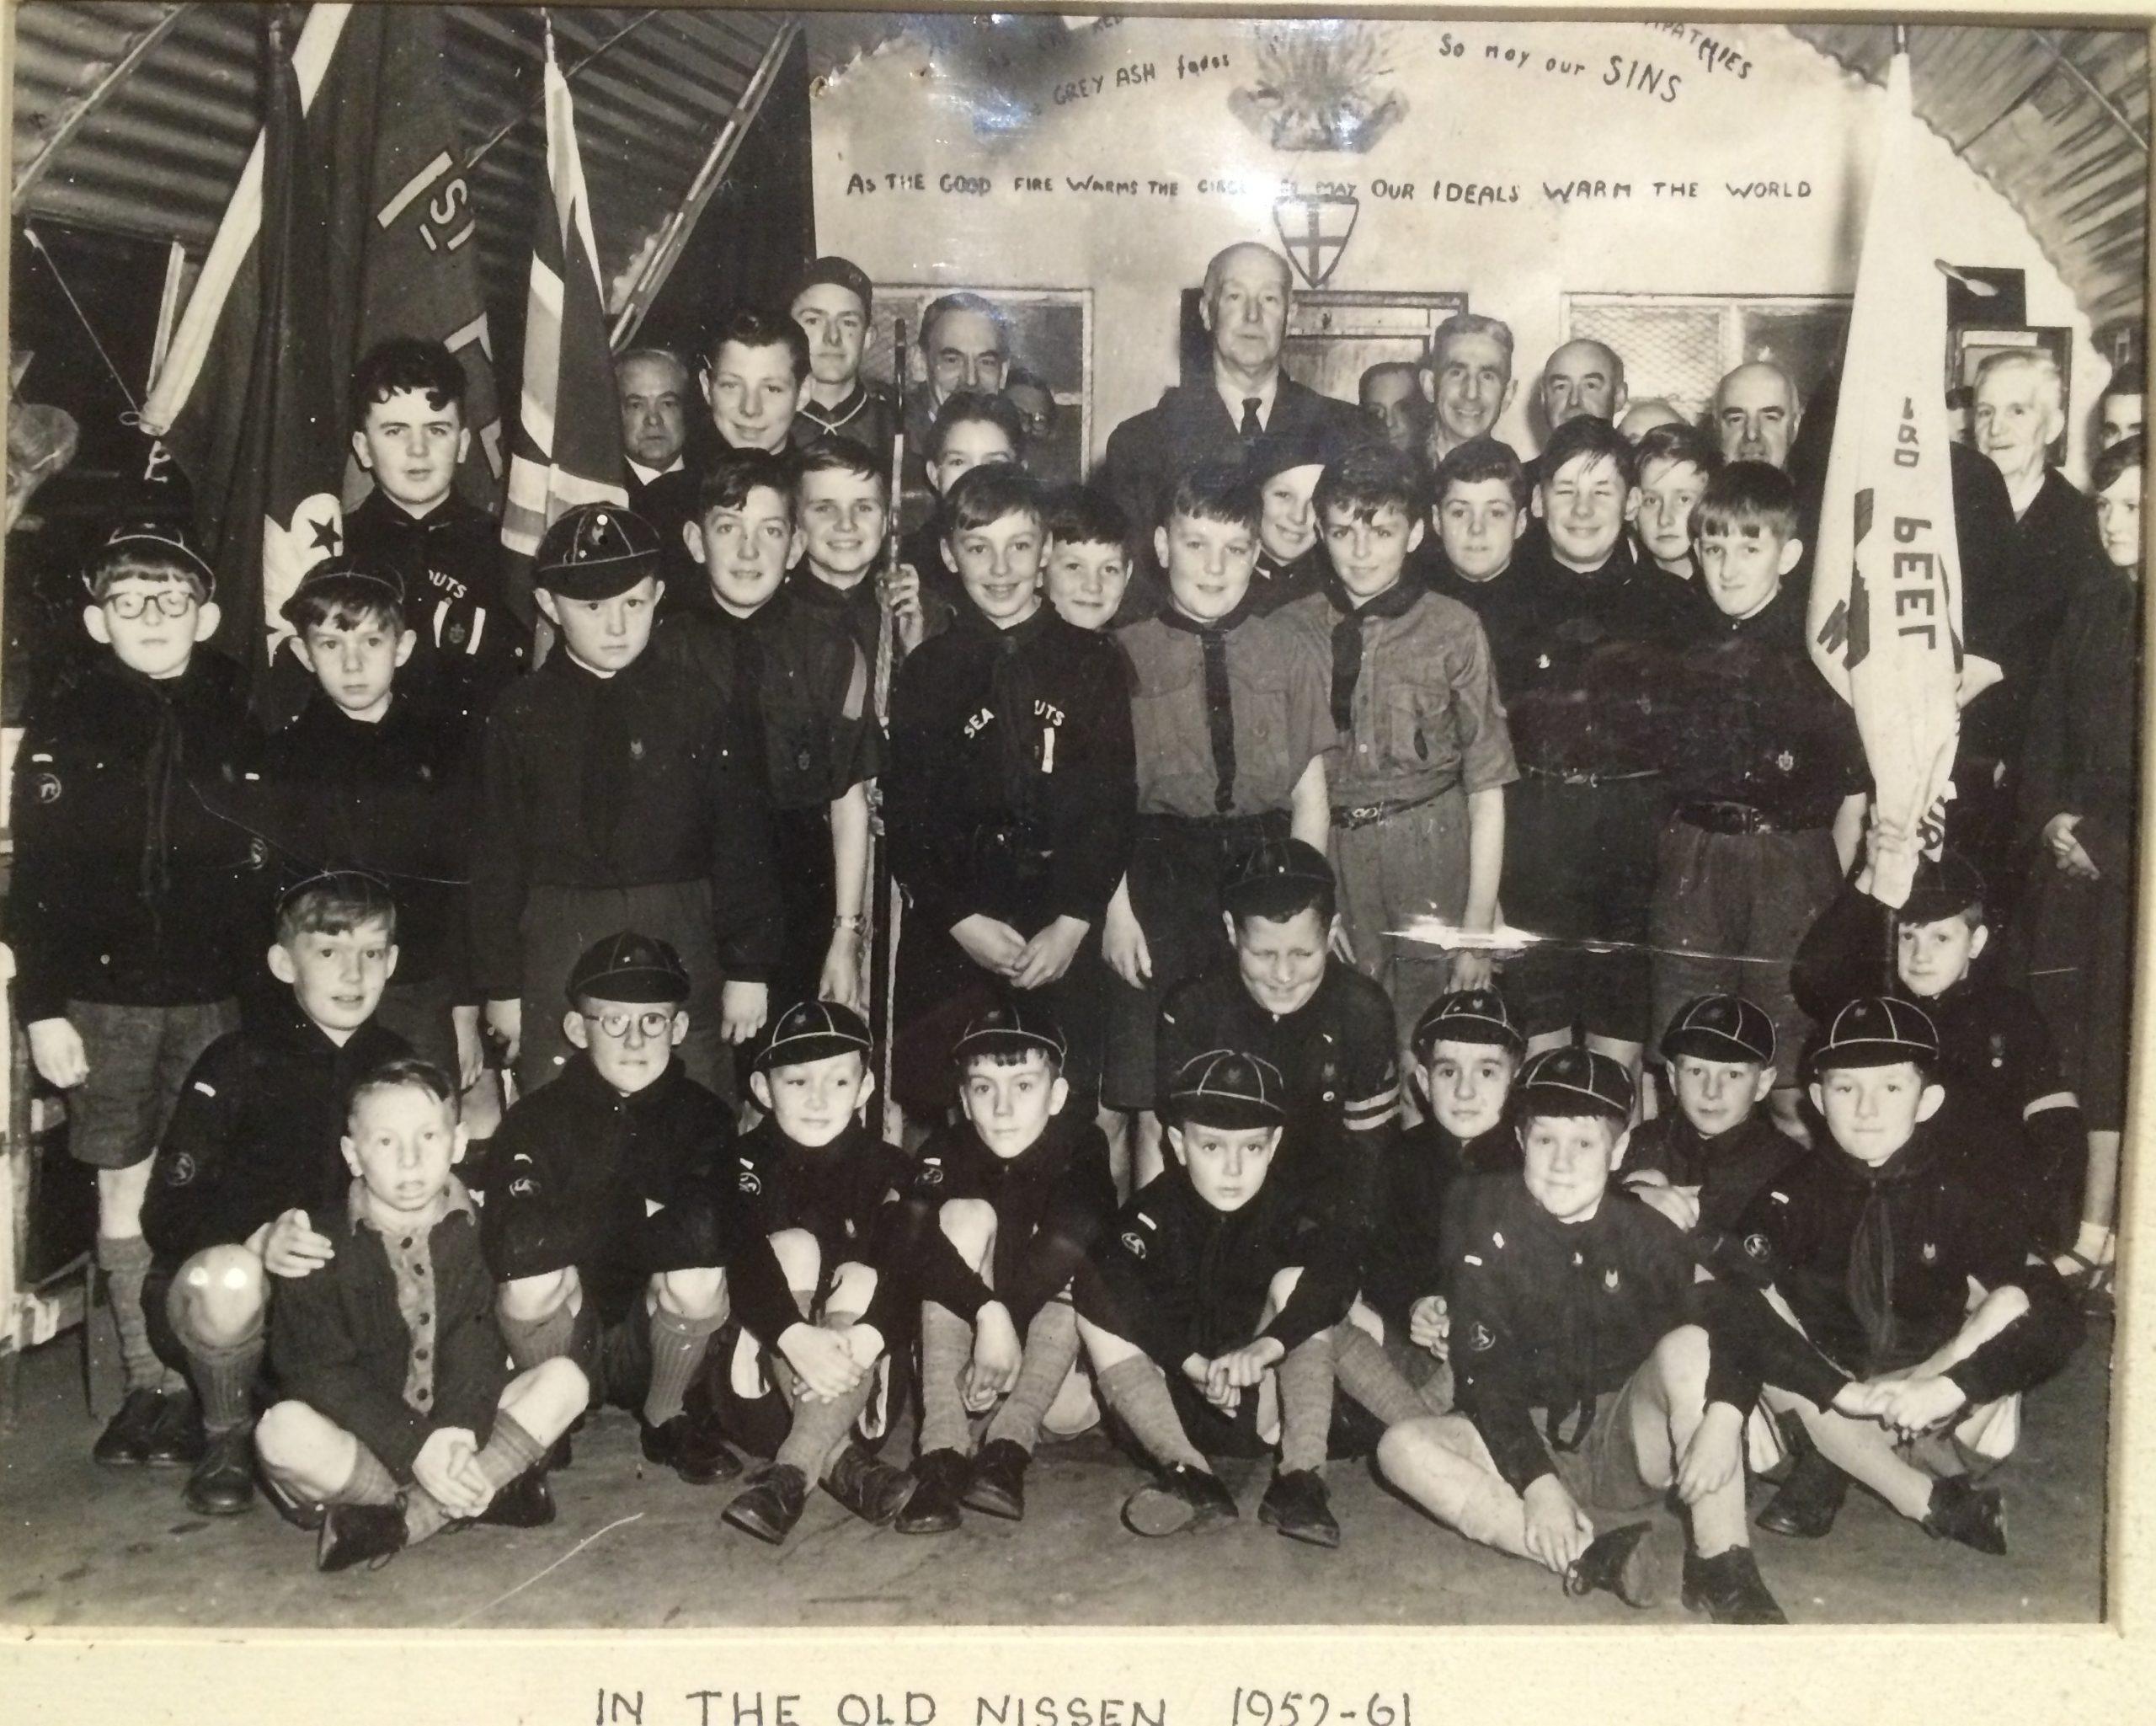 Nissen Hut 1952-61